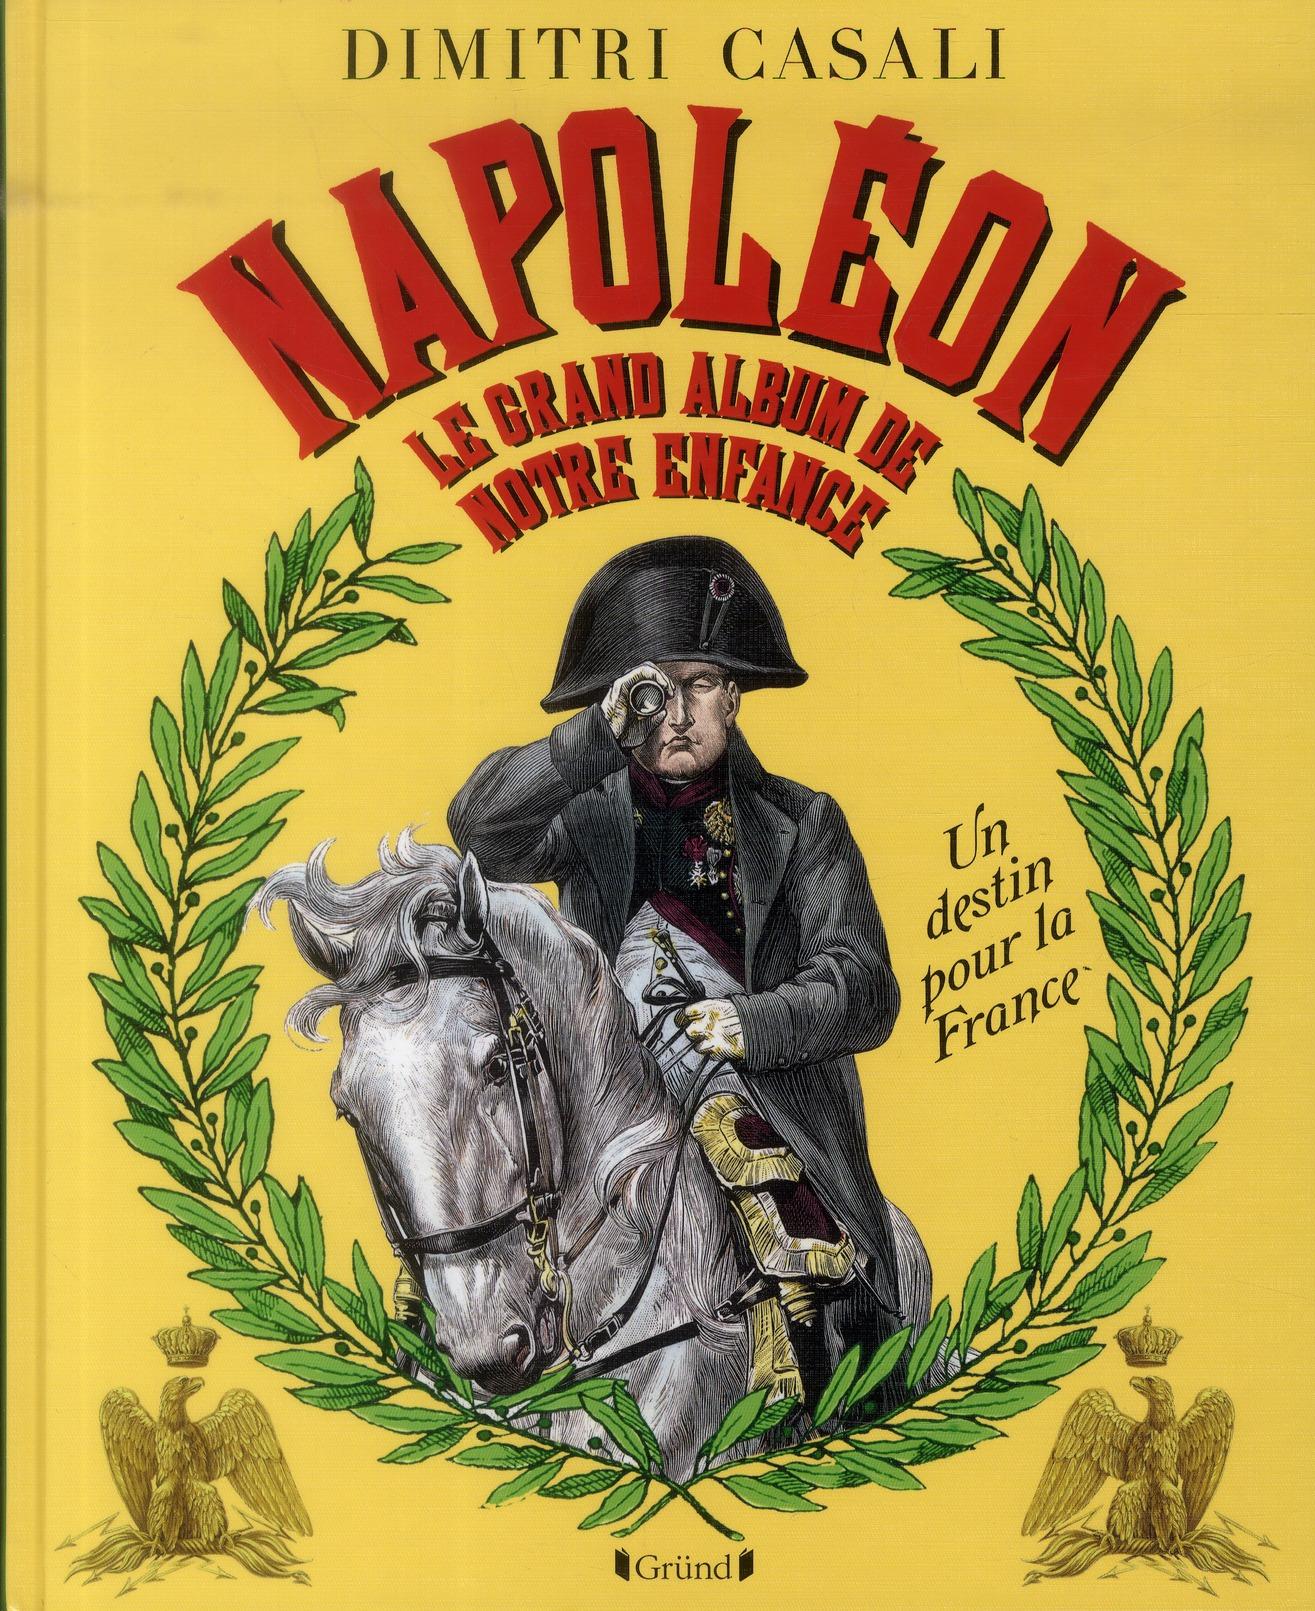 NAPOLEON LE GRAND ALBUM DE NOTRE ENFANCE